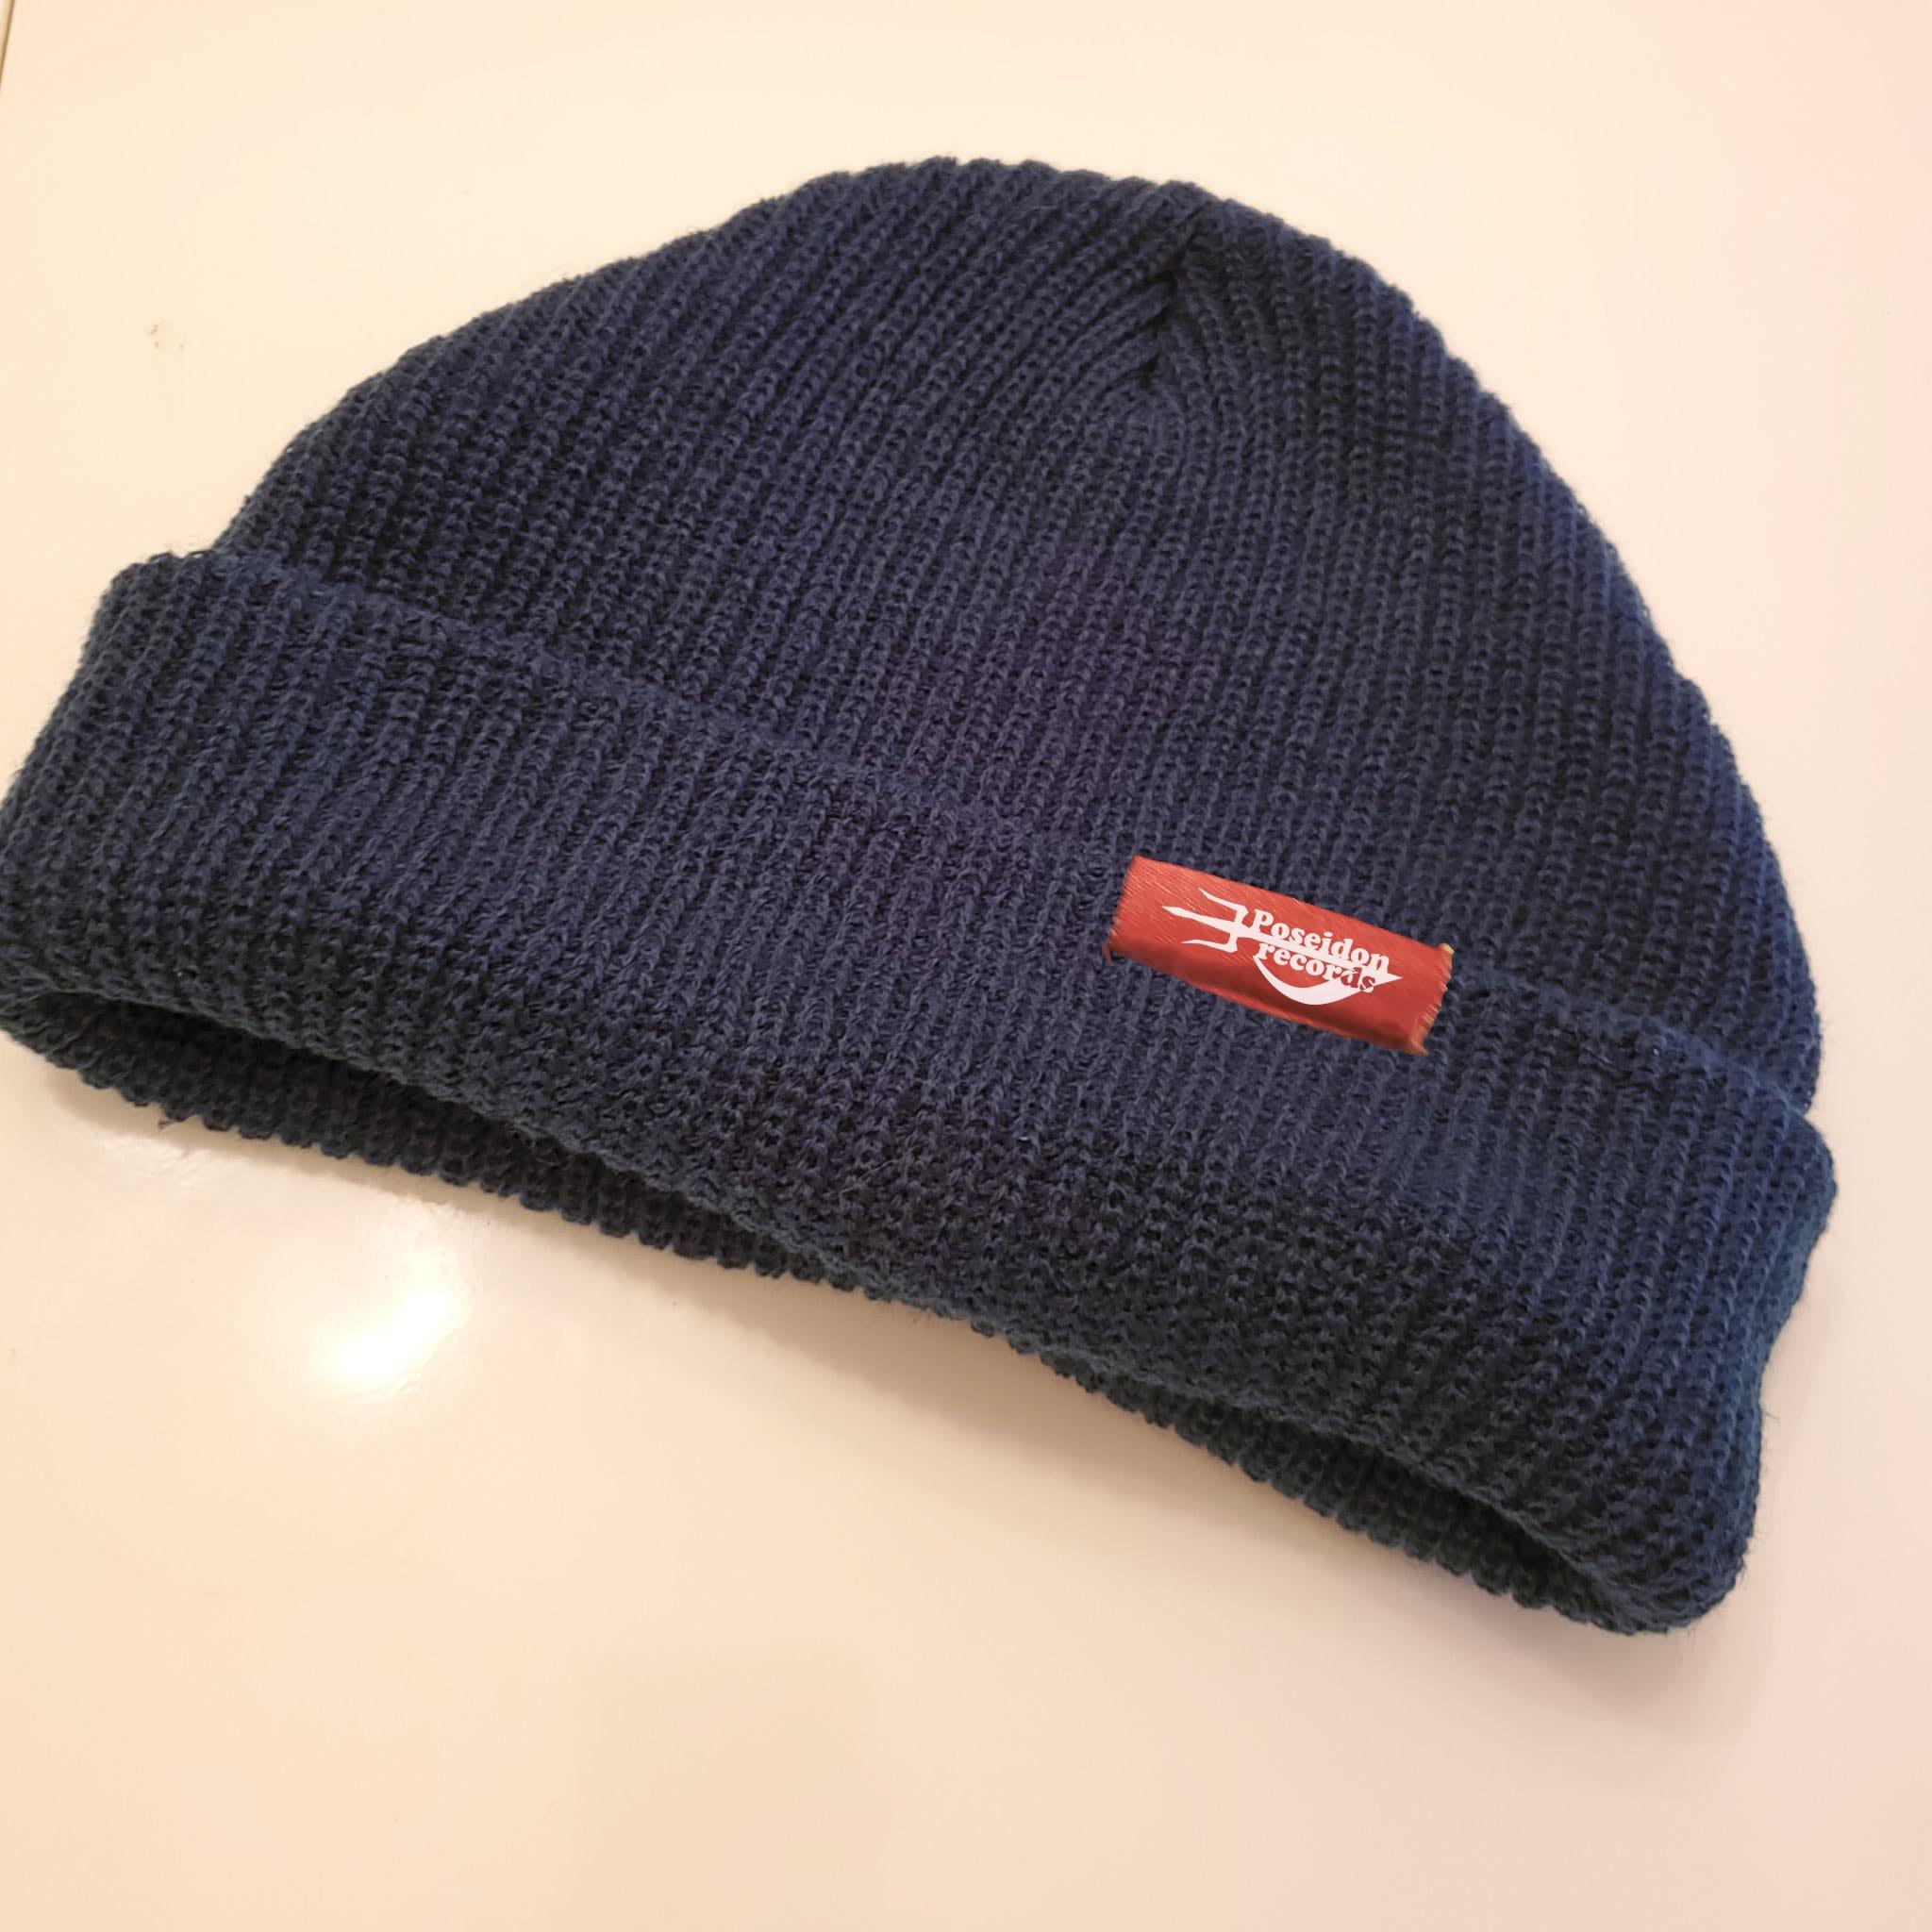 ポセイドン・石川 オリジナルビーニー(ニット帽)の画像